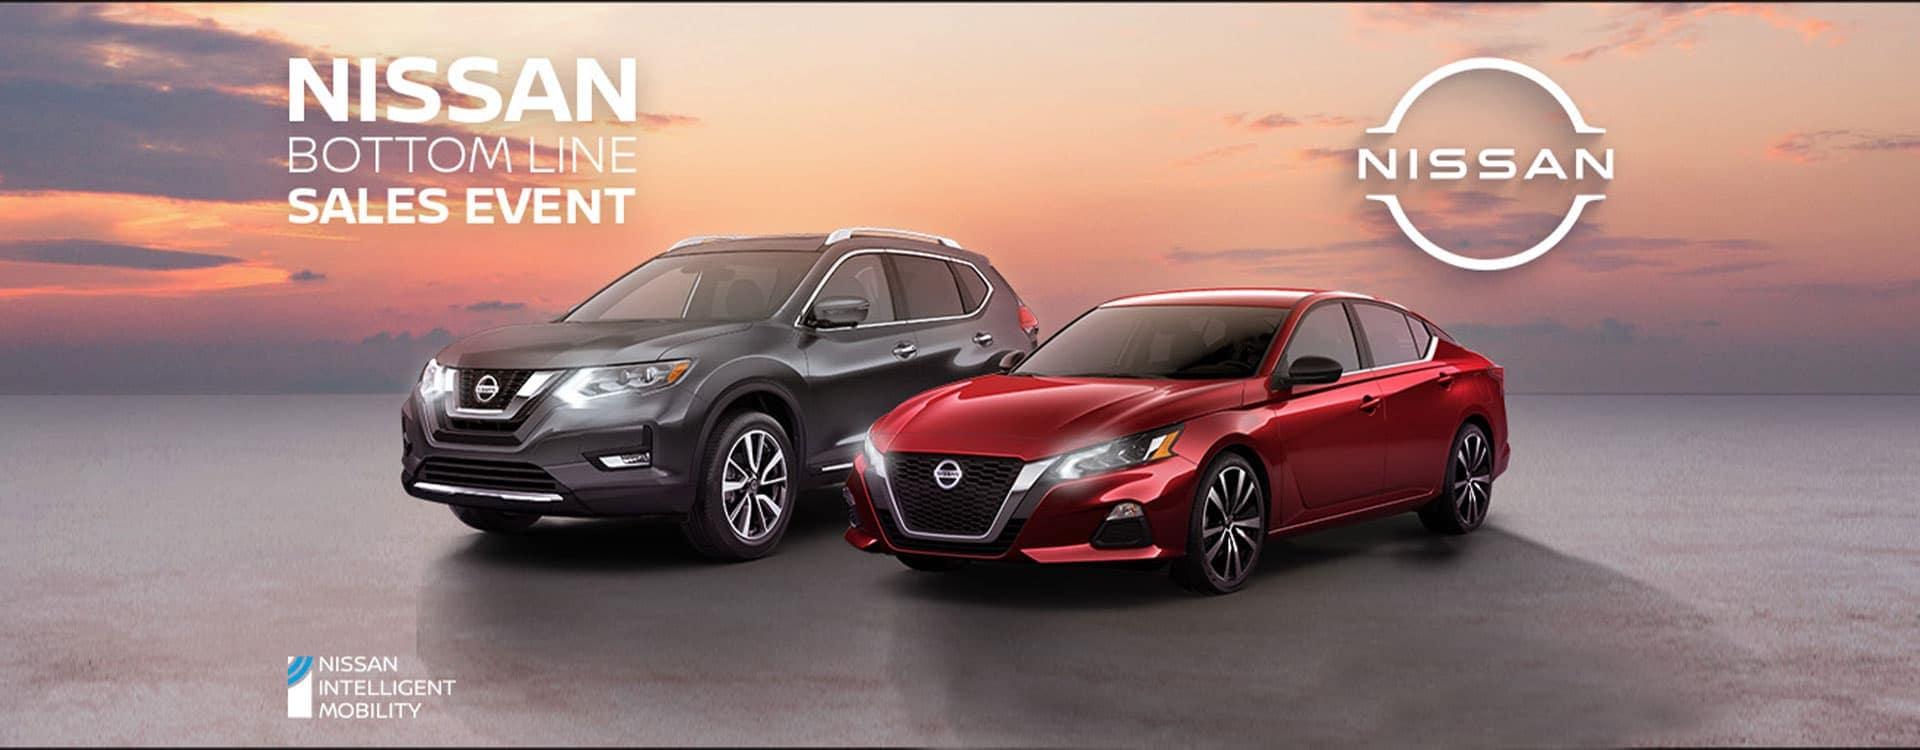 Nissan-Bottonline-Sales-Event